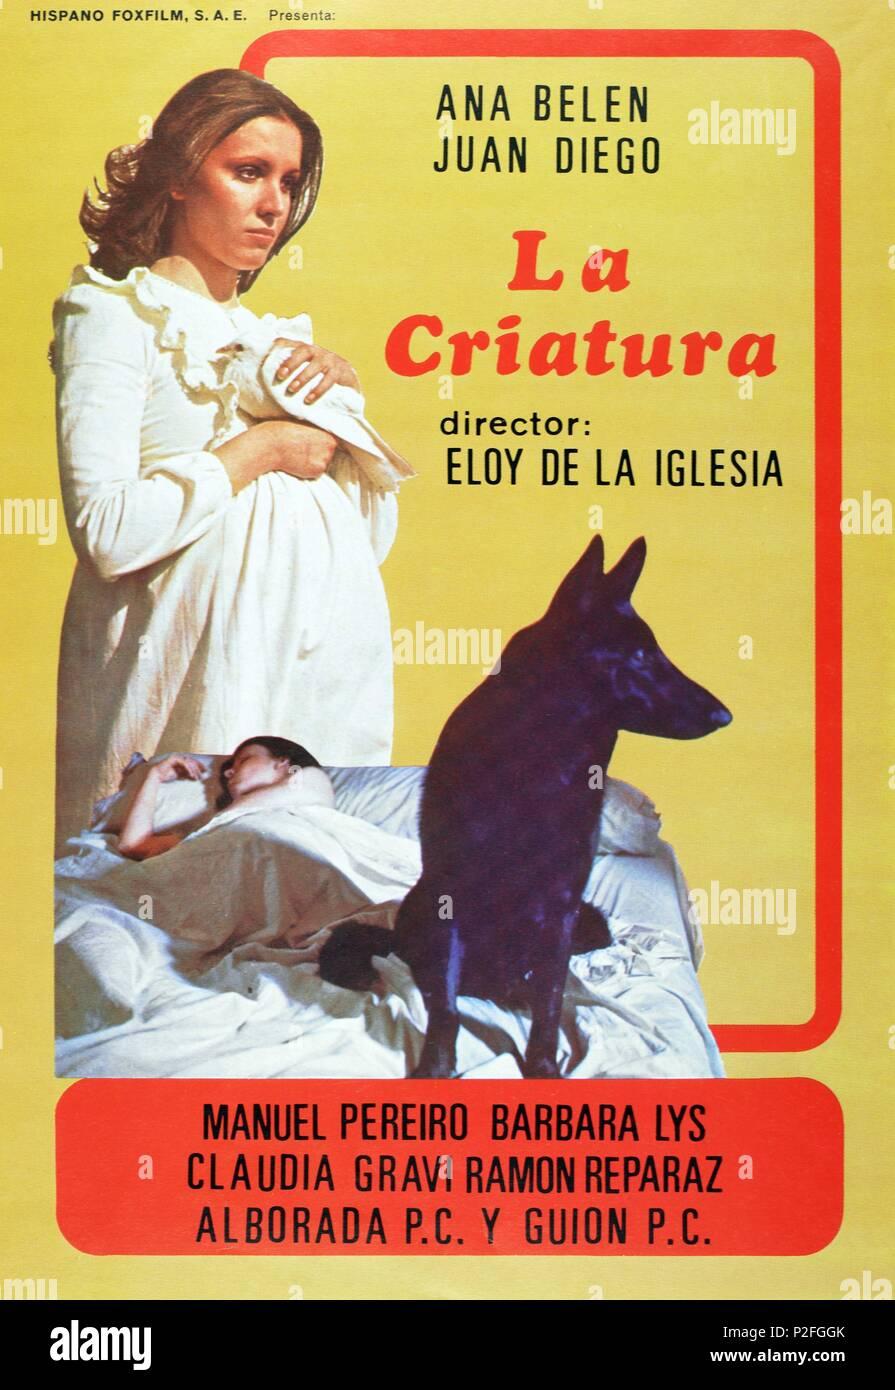 Original Film Title: LA CRIATURA.  English Title: CREATURE, THE.  Film Director: ELOY DE LA IGLESIA.  Year: 1977. Credit: ALBORADA P.C. / Album - Stock Image